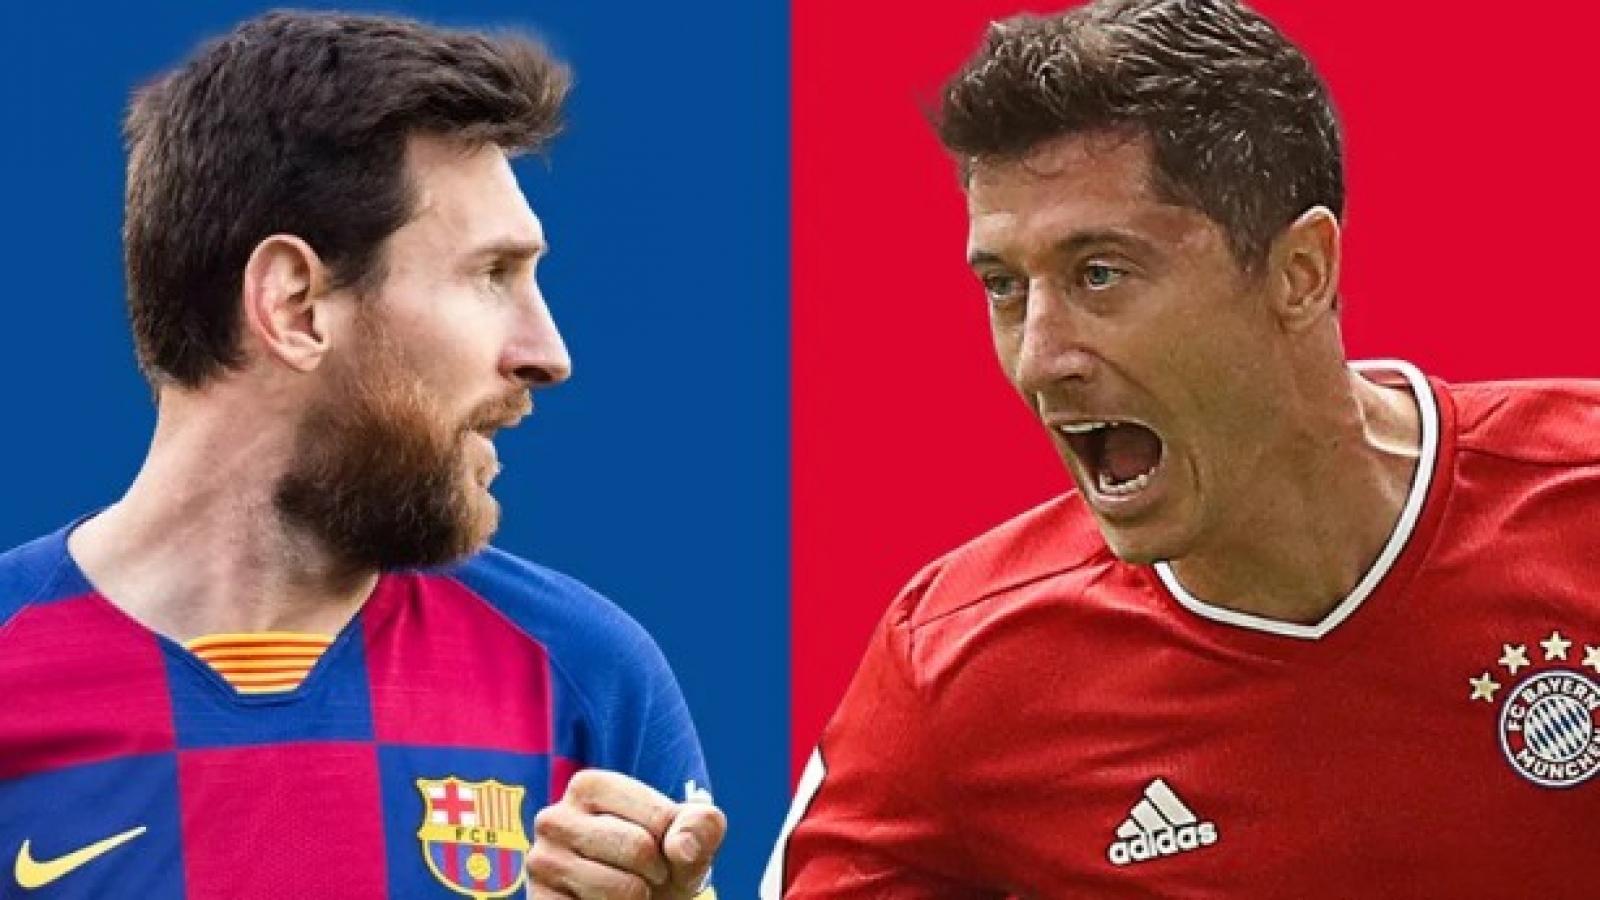 Lịch thi đấu bóng đá hôm nay (14/8): Barca đại chiến Bayern